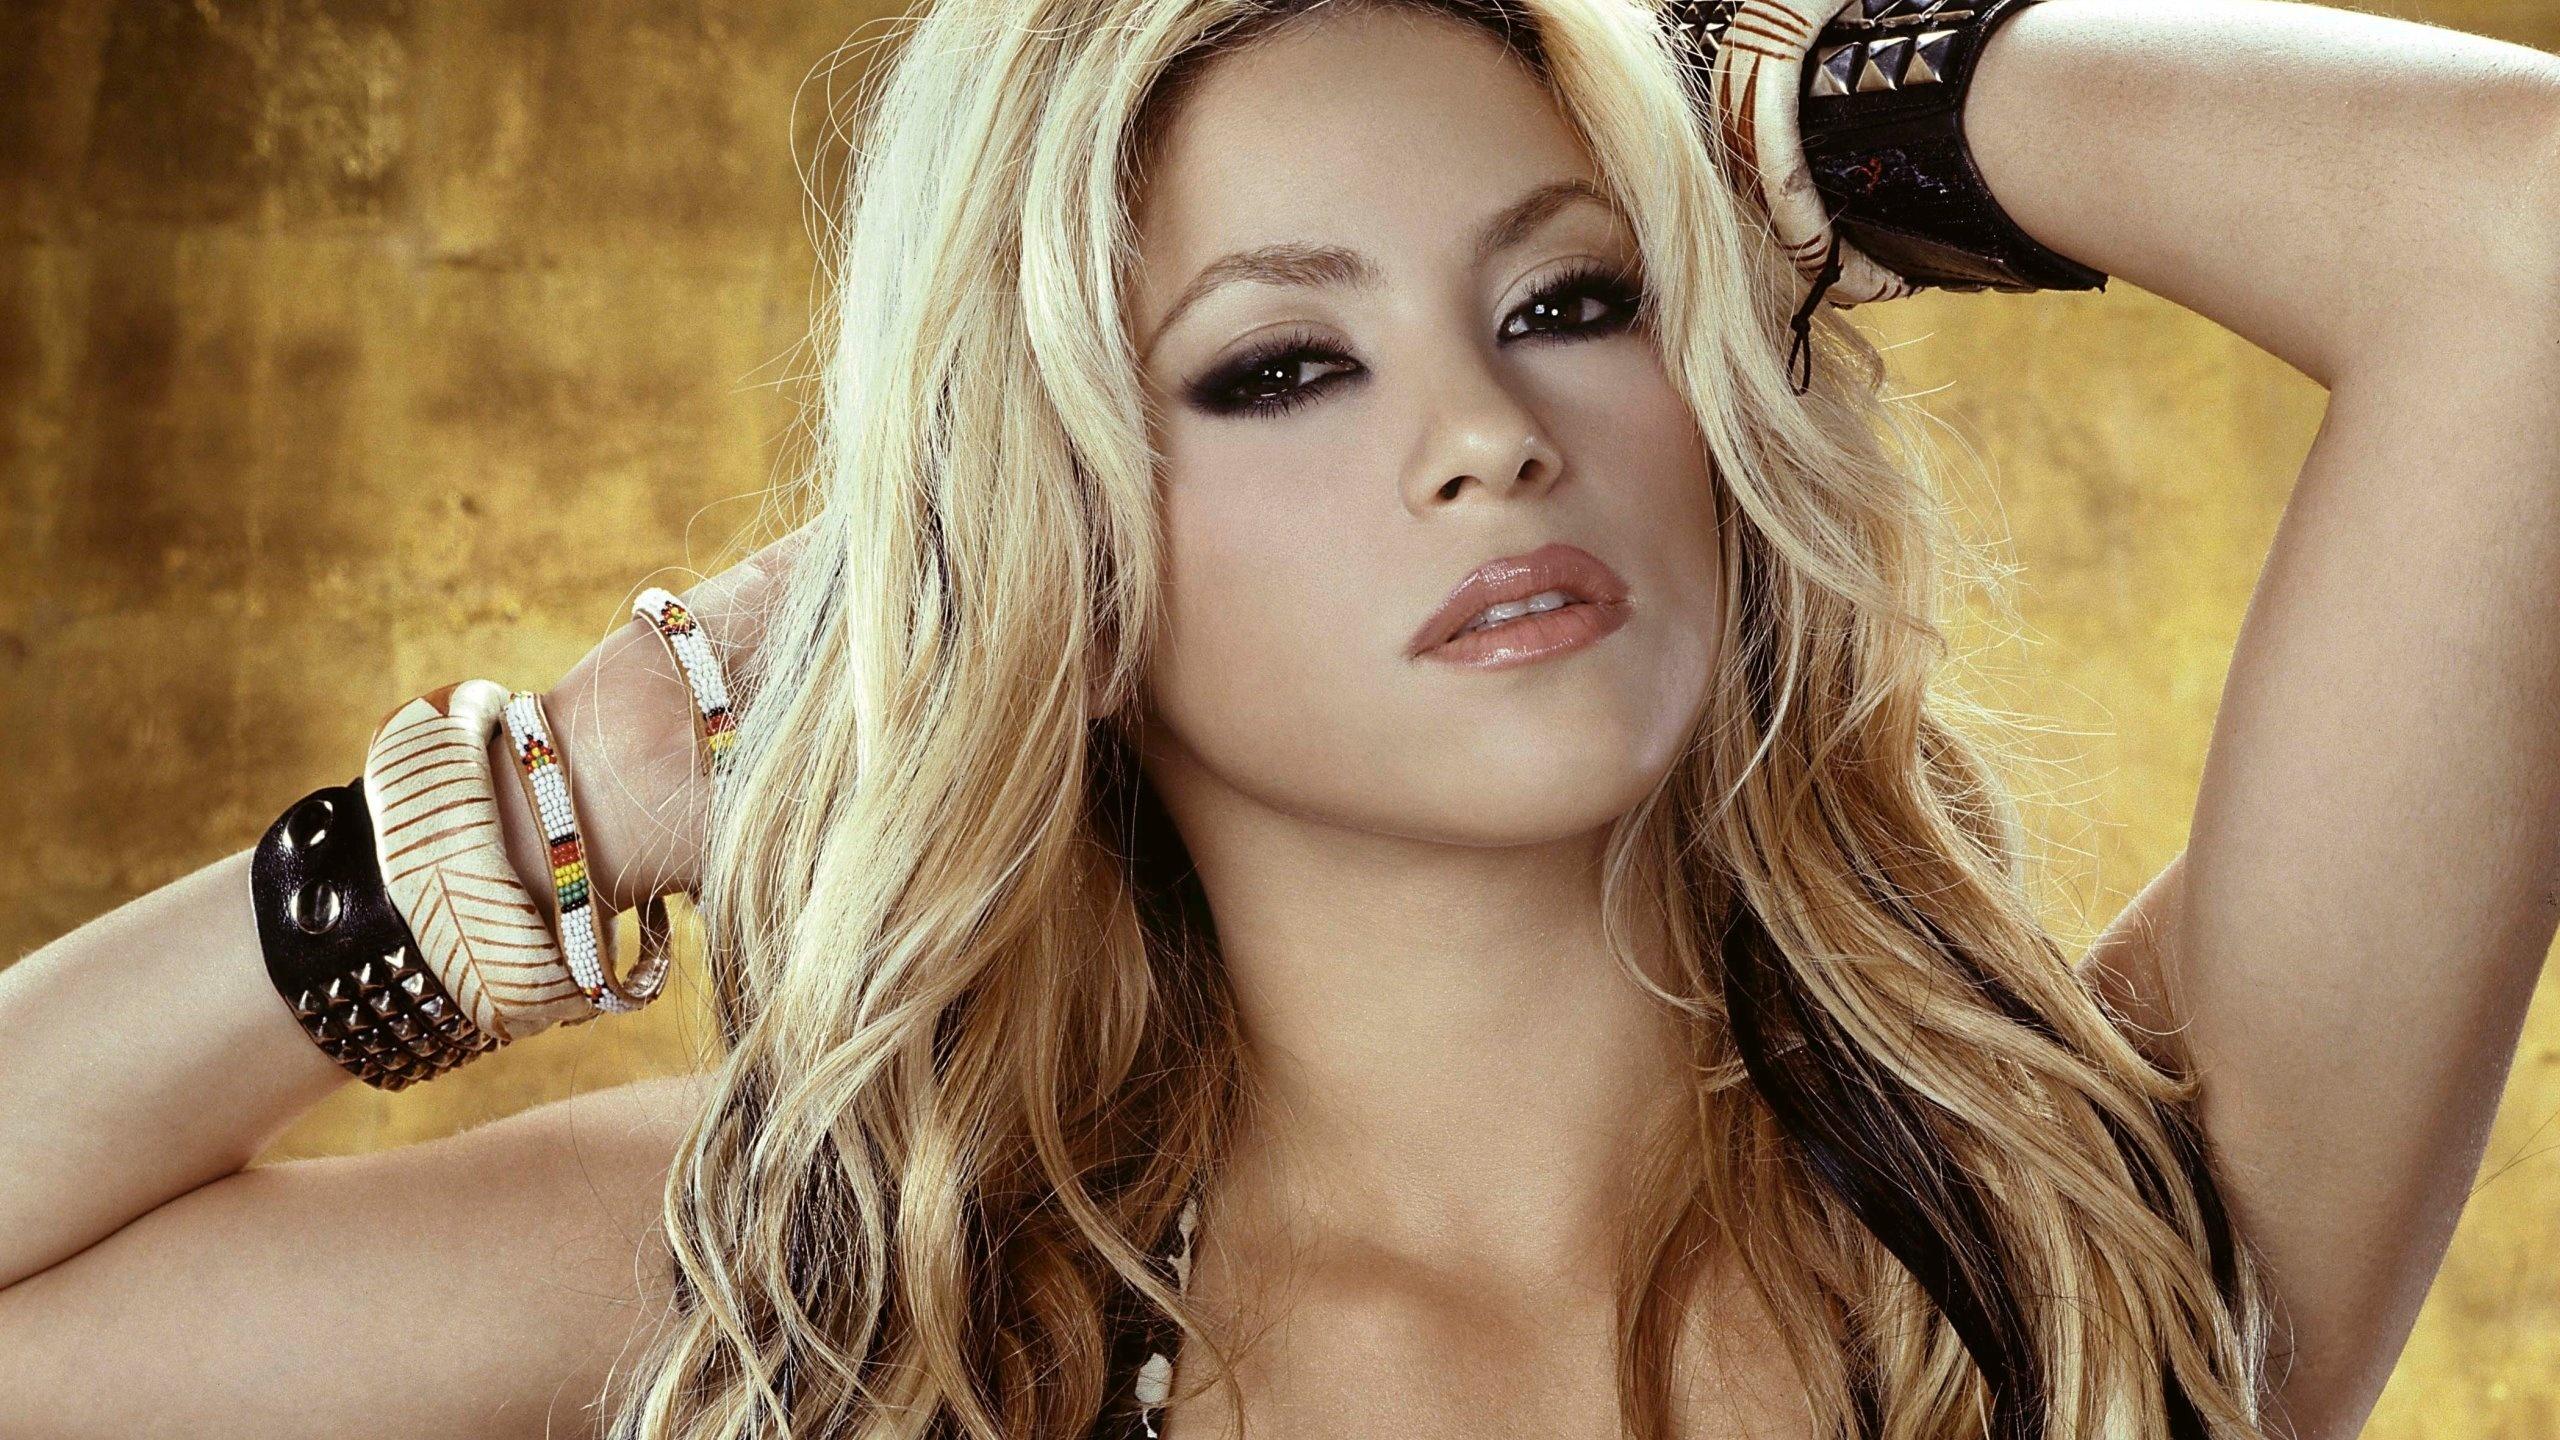 русские певицы блондинки клипы знаем